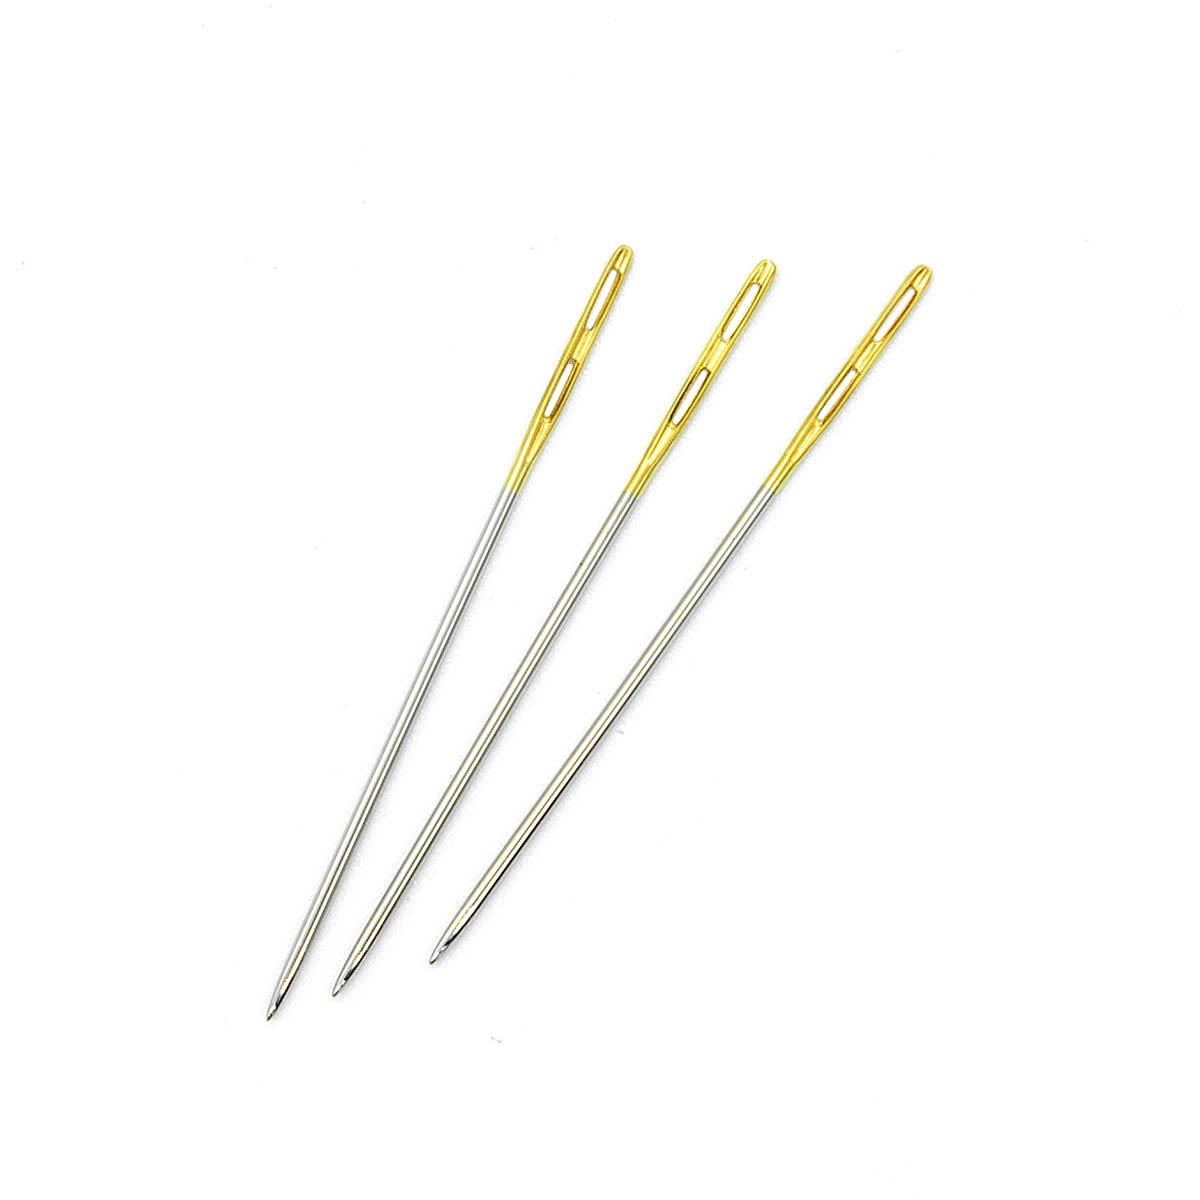 Иглы ручные с золотым двойным ушком №3, 4шт. 110301/g, Hobby&Pro